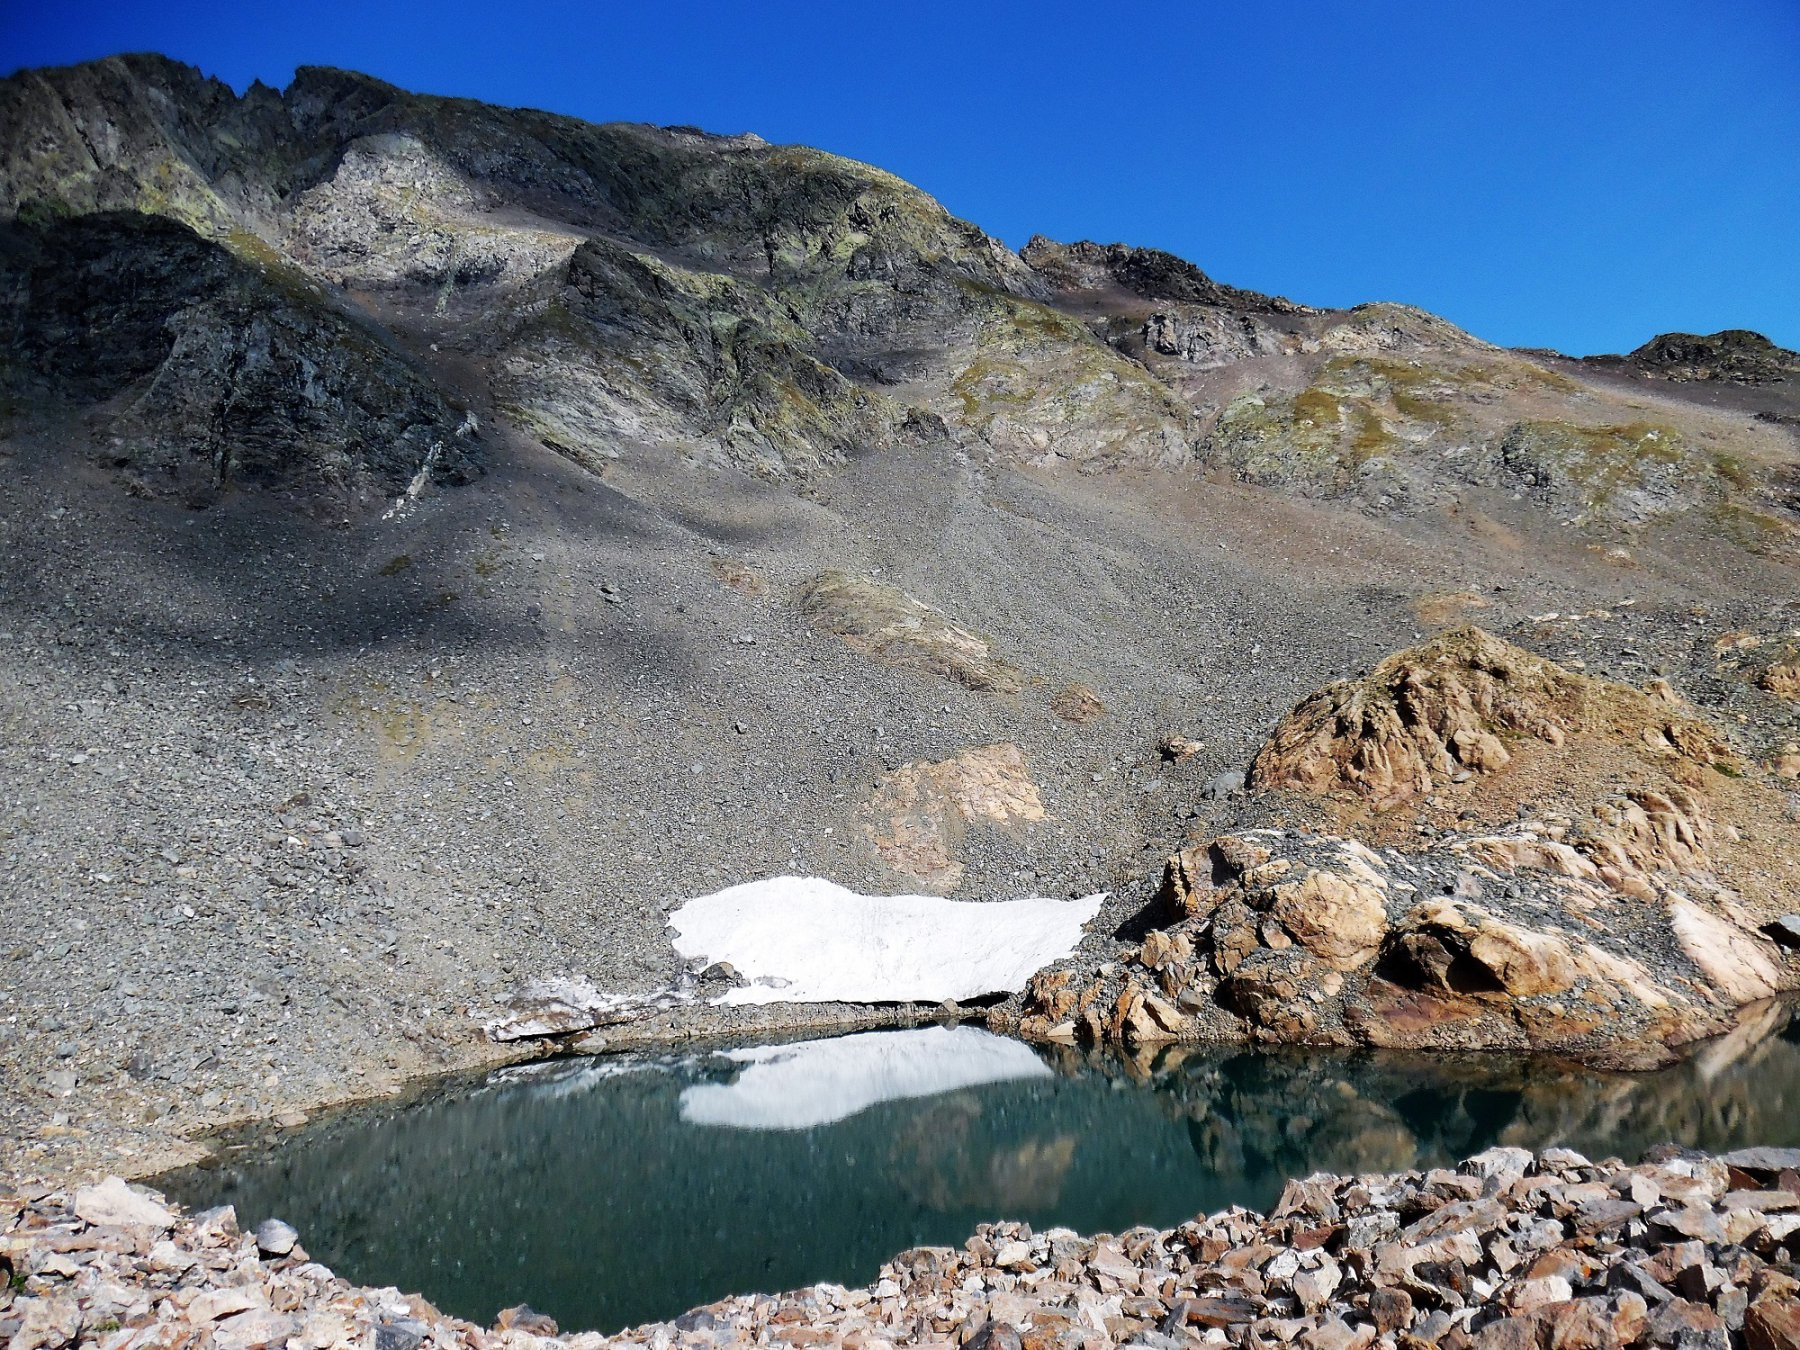 Lago alto di Malgina 2520 m. Dietro, Diavolo di Malgina